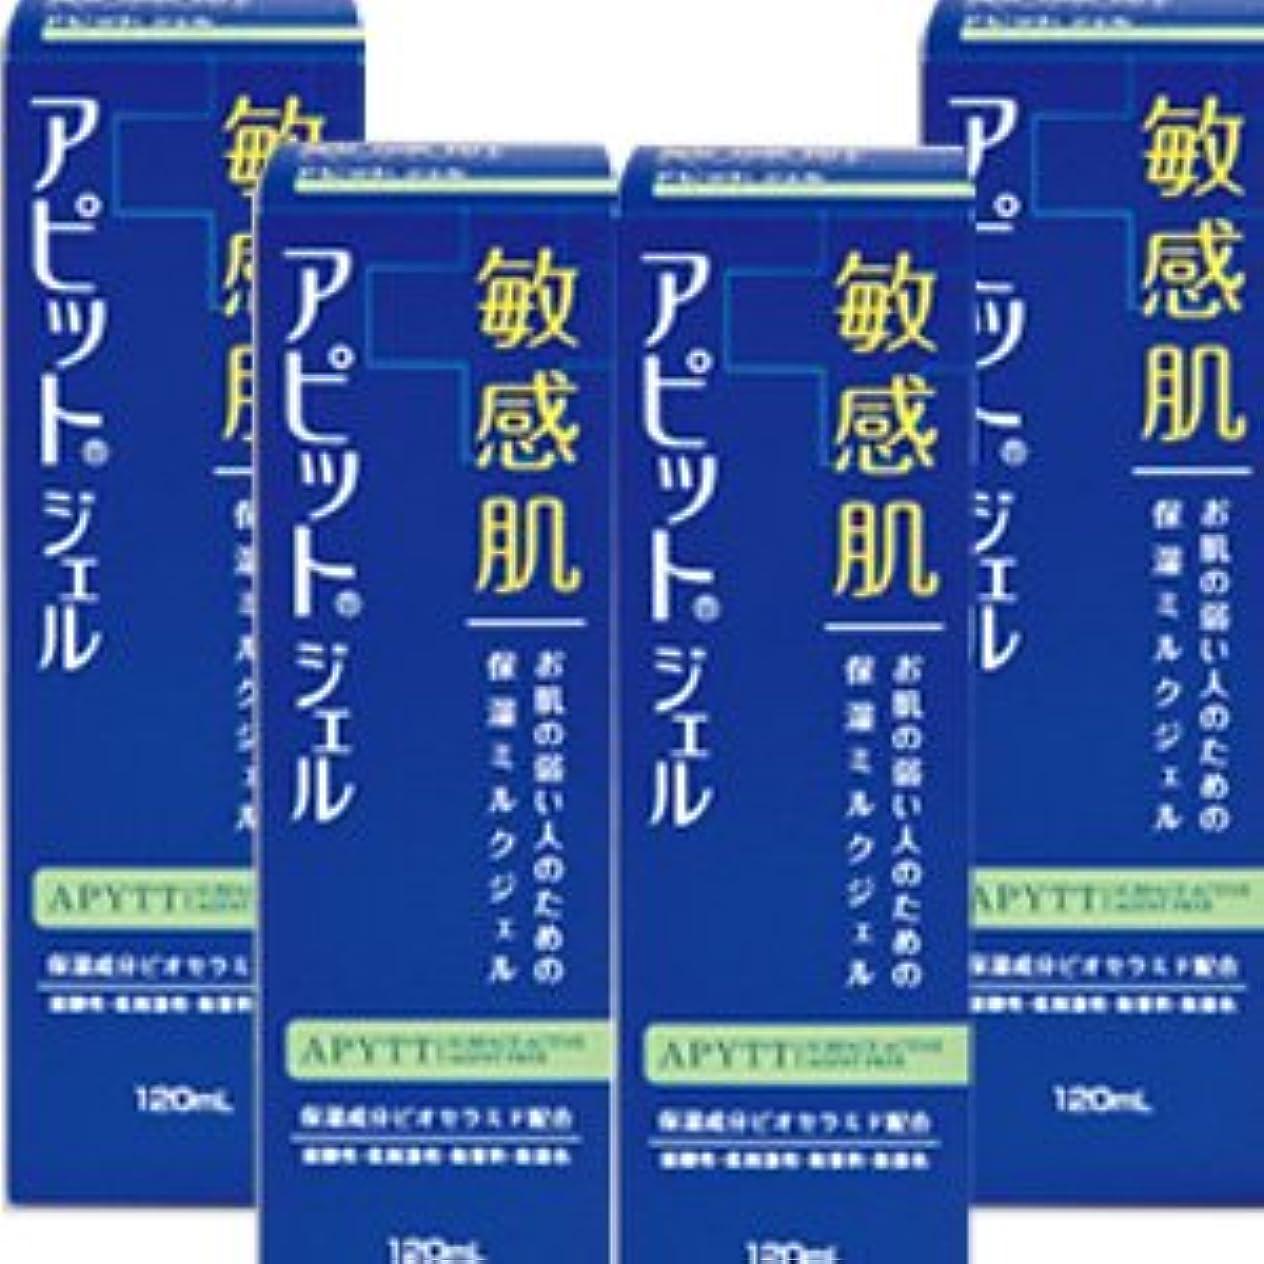 治安判事ほこりっぽい妥協【4個】全薬工業 アピットジェルS 120mlx4個セット (4987305034625)